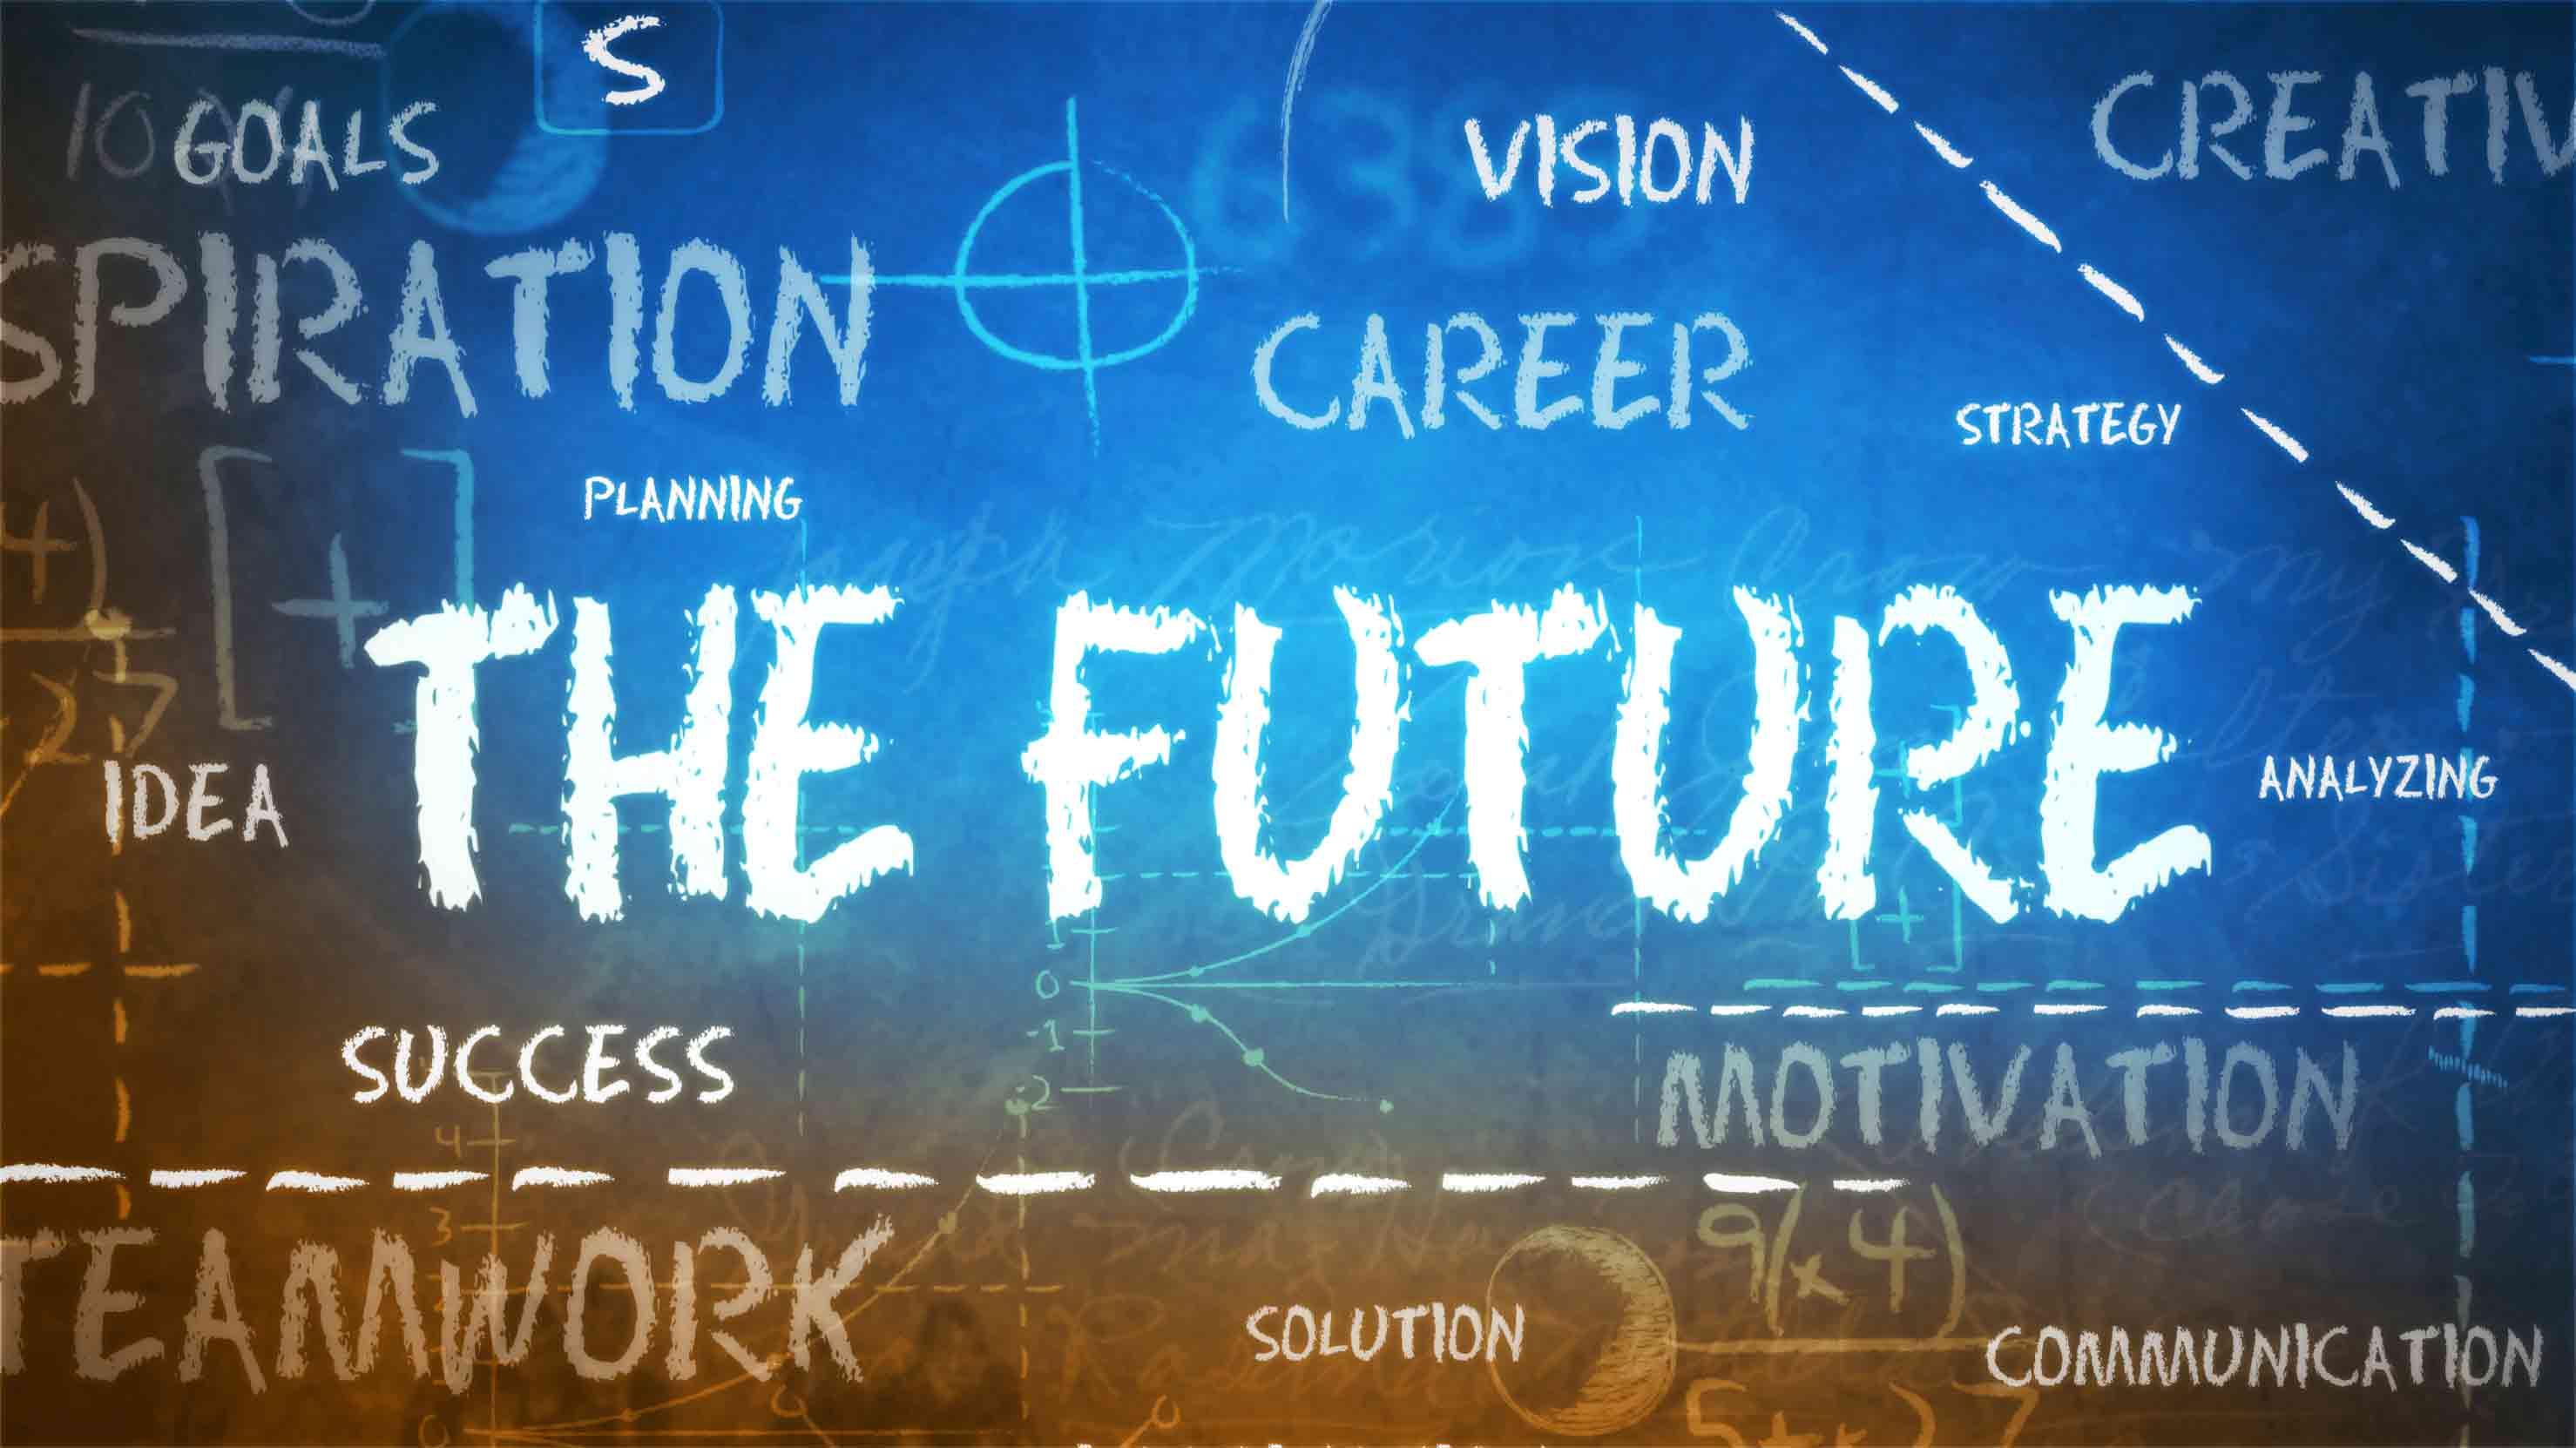 پیشینه ی آینده پژوهی